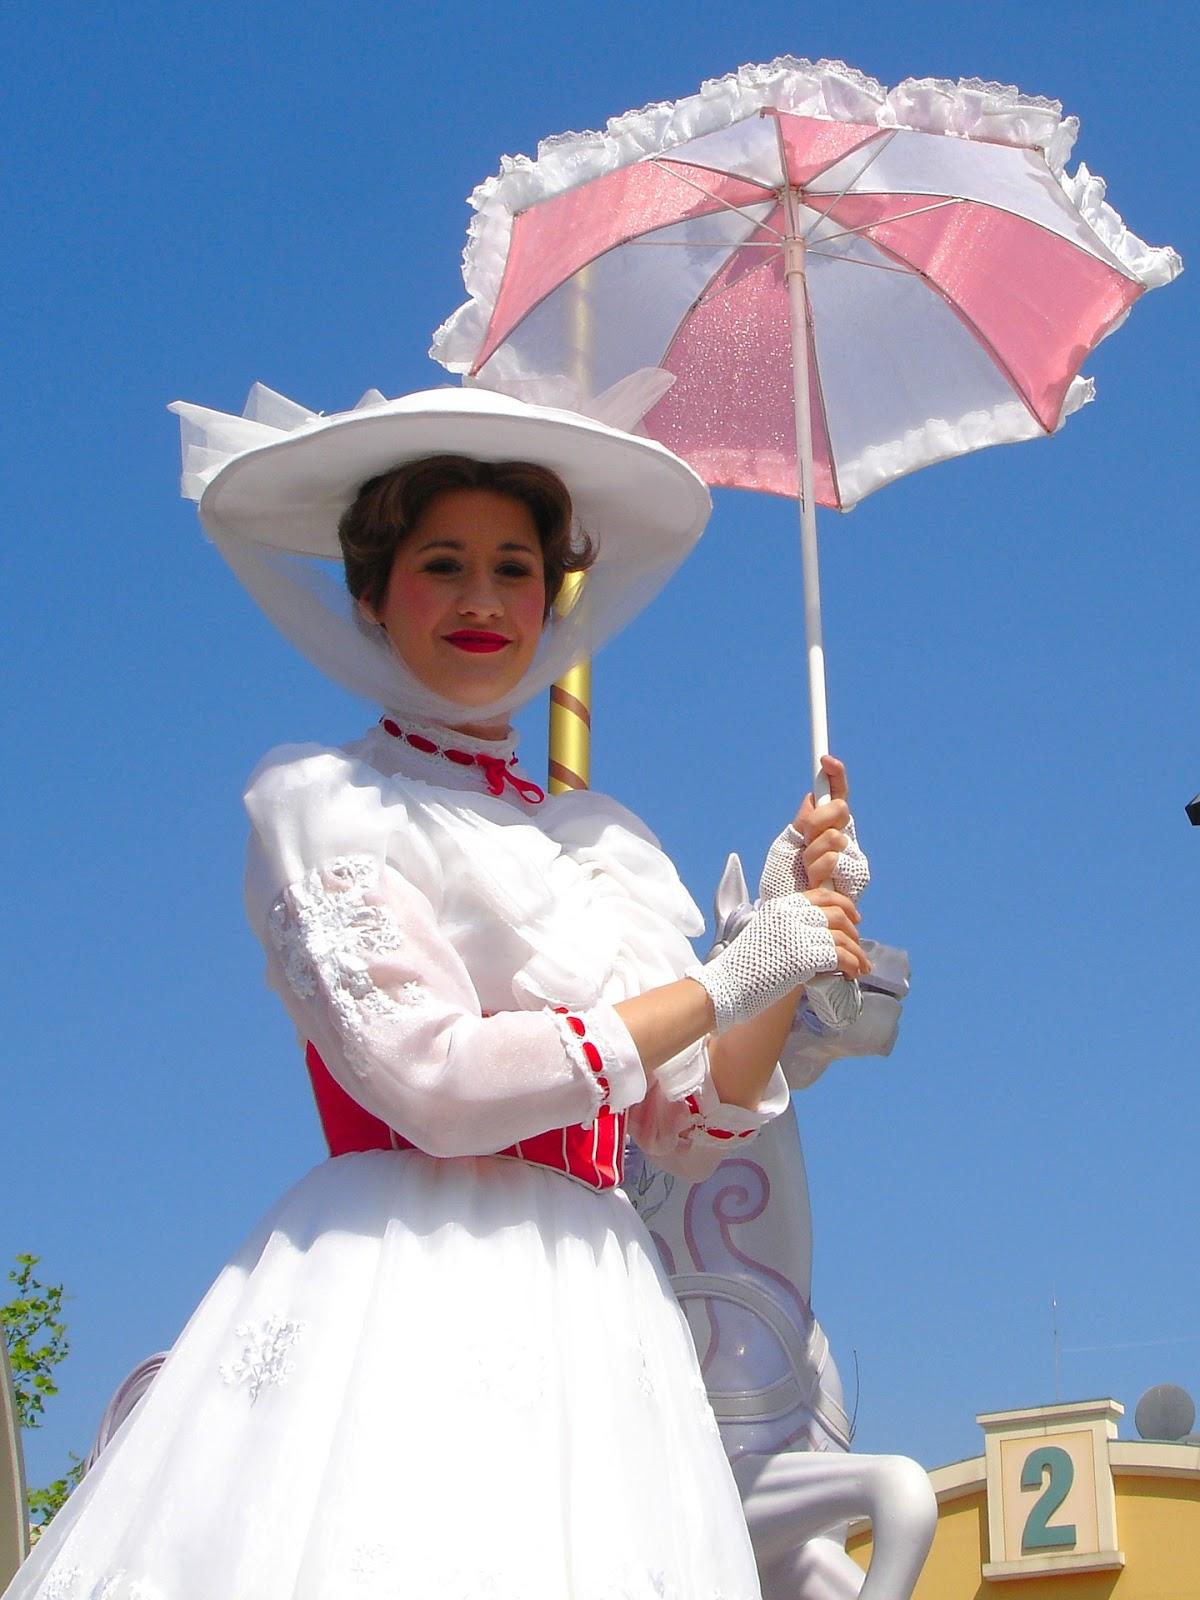 3. Mary Poppins